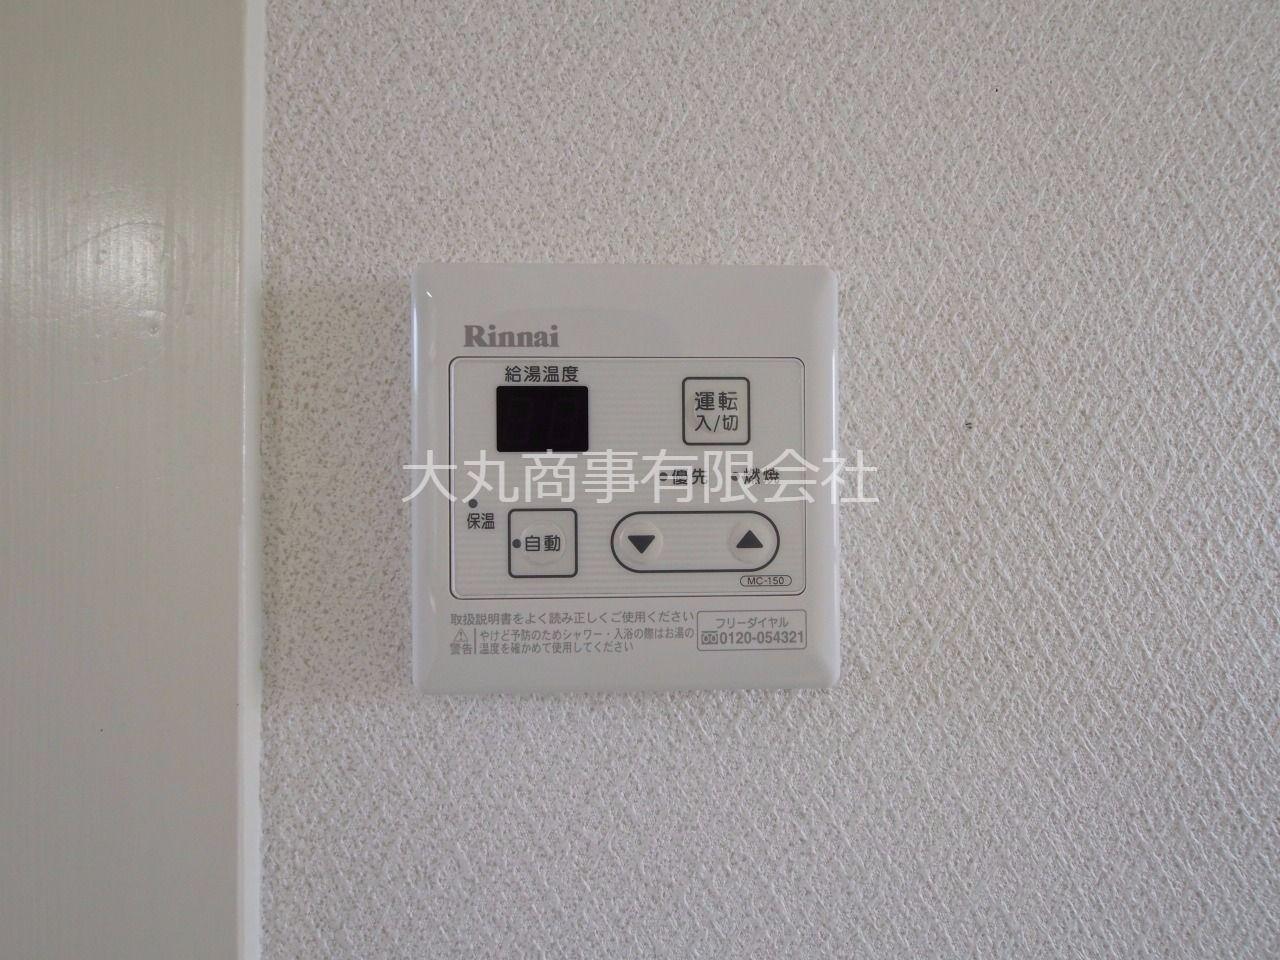 湯温の設定が可能な給湯器リモコン